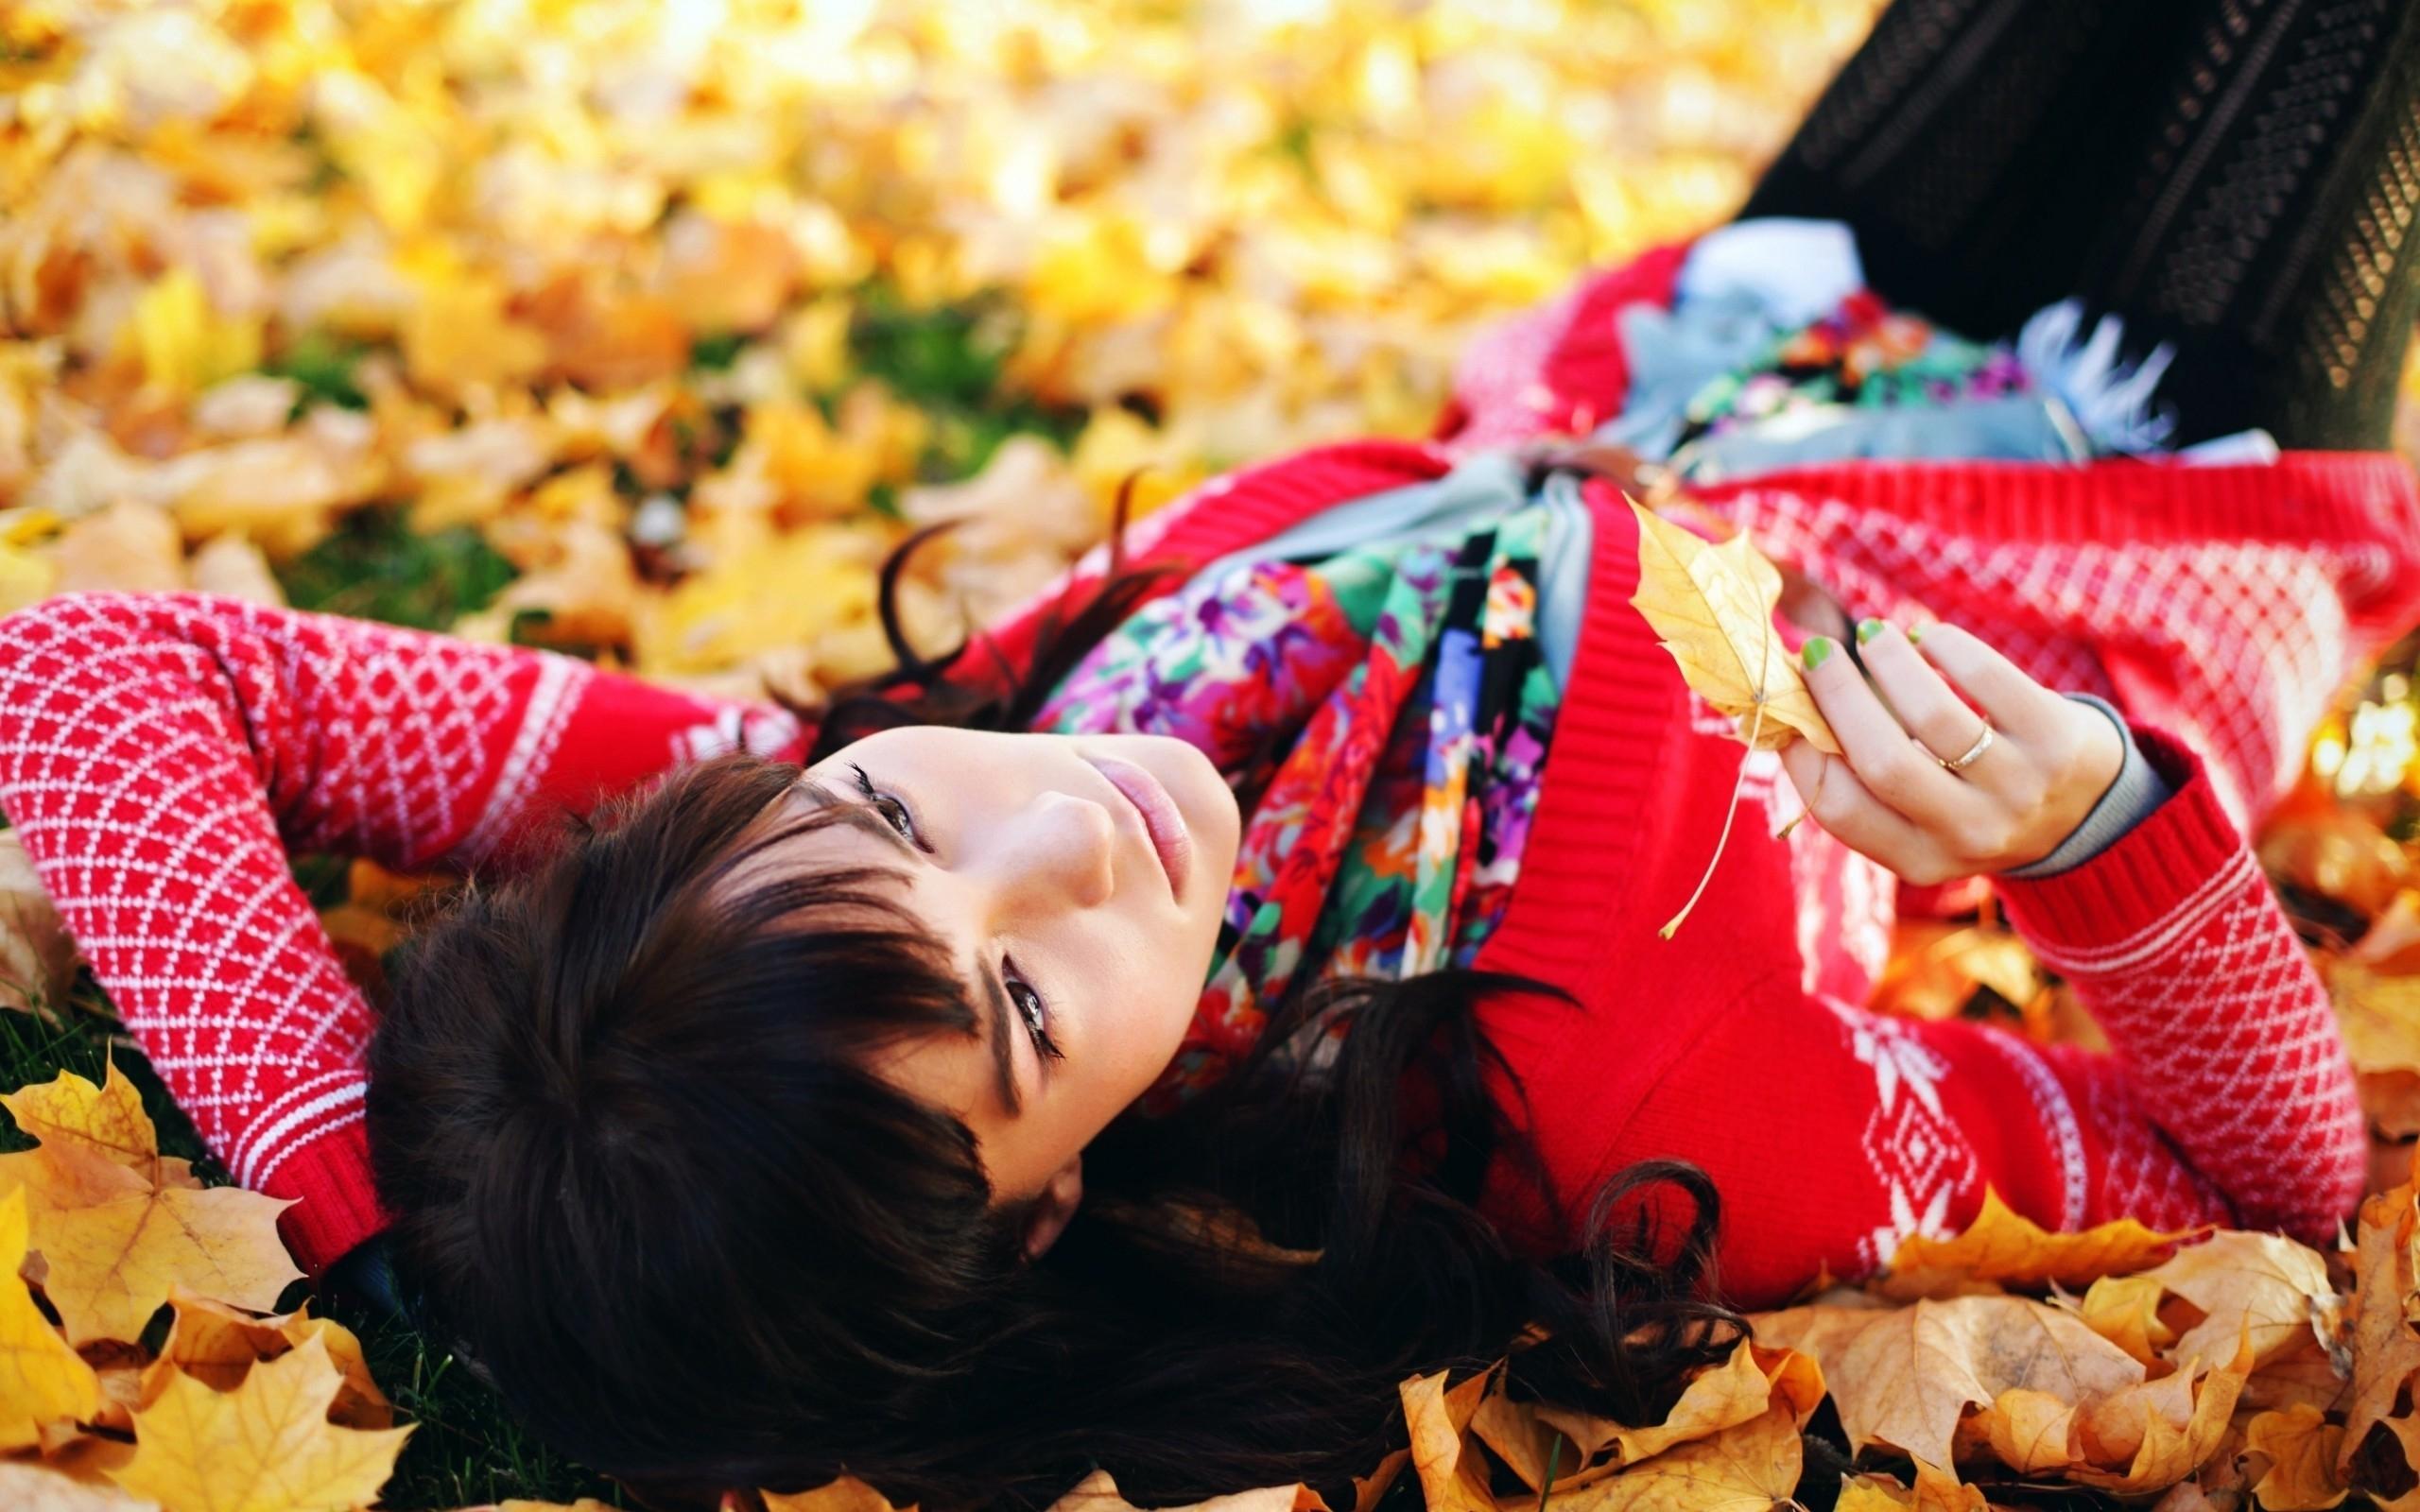 фото брюнеток осенью смеялся лишь мужичок